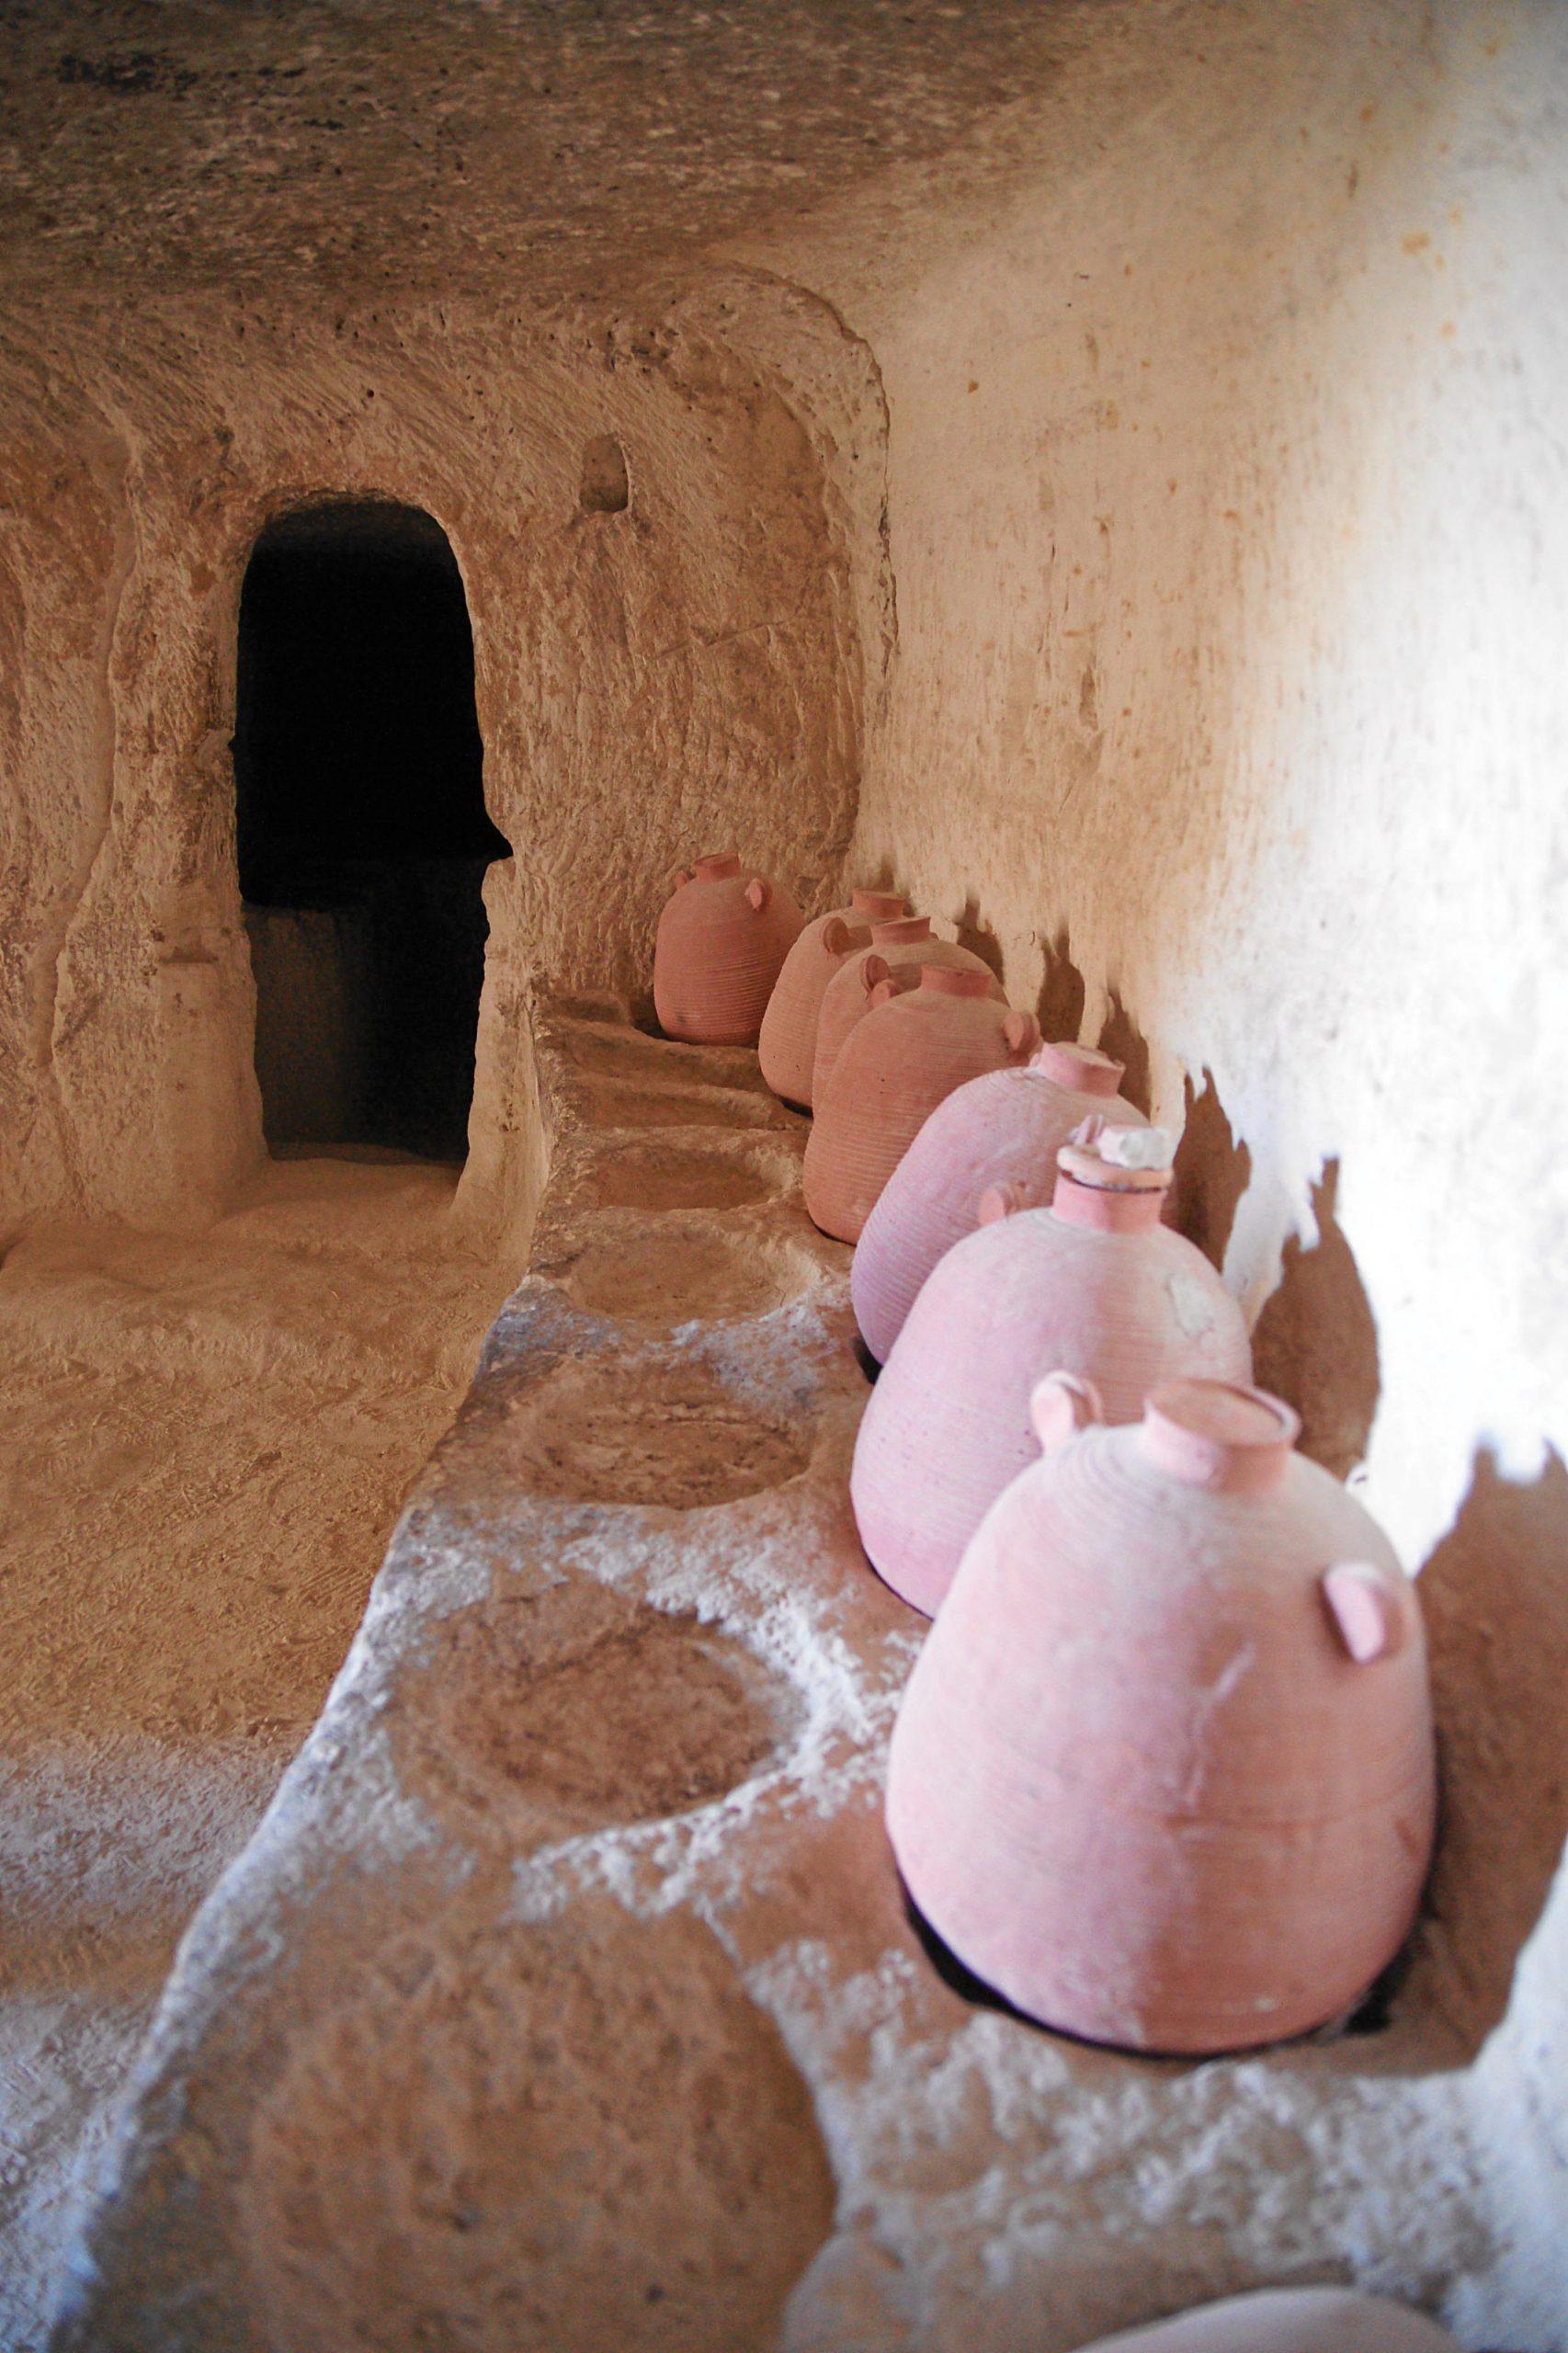 עבדת הייתה מהחשובות שבערי הנבטים. בעיר ובסביבתה התגלו מתקנים רבים הקשורים לתעשיין היין. מרתף יינות משוחזר בגן הלאומי עבדת